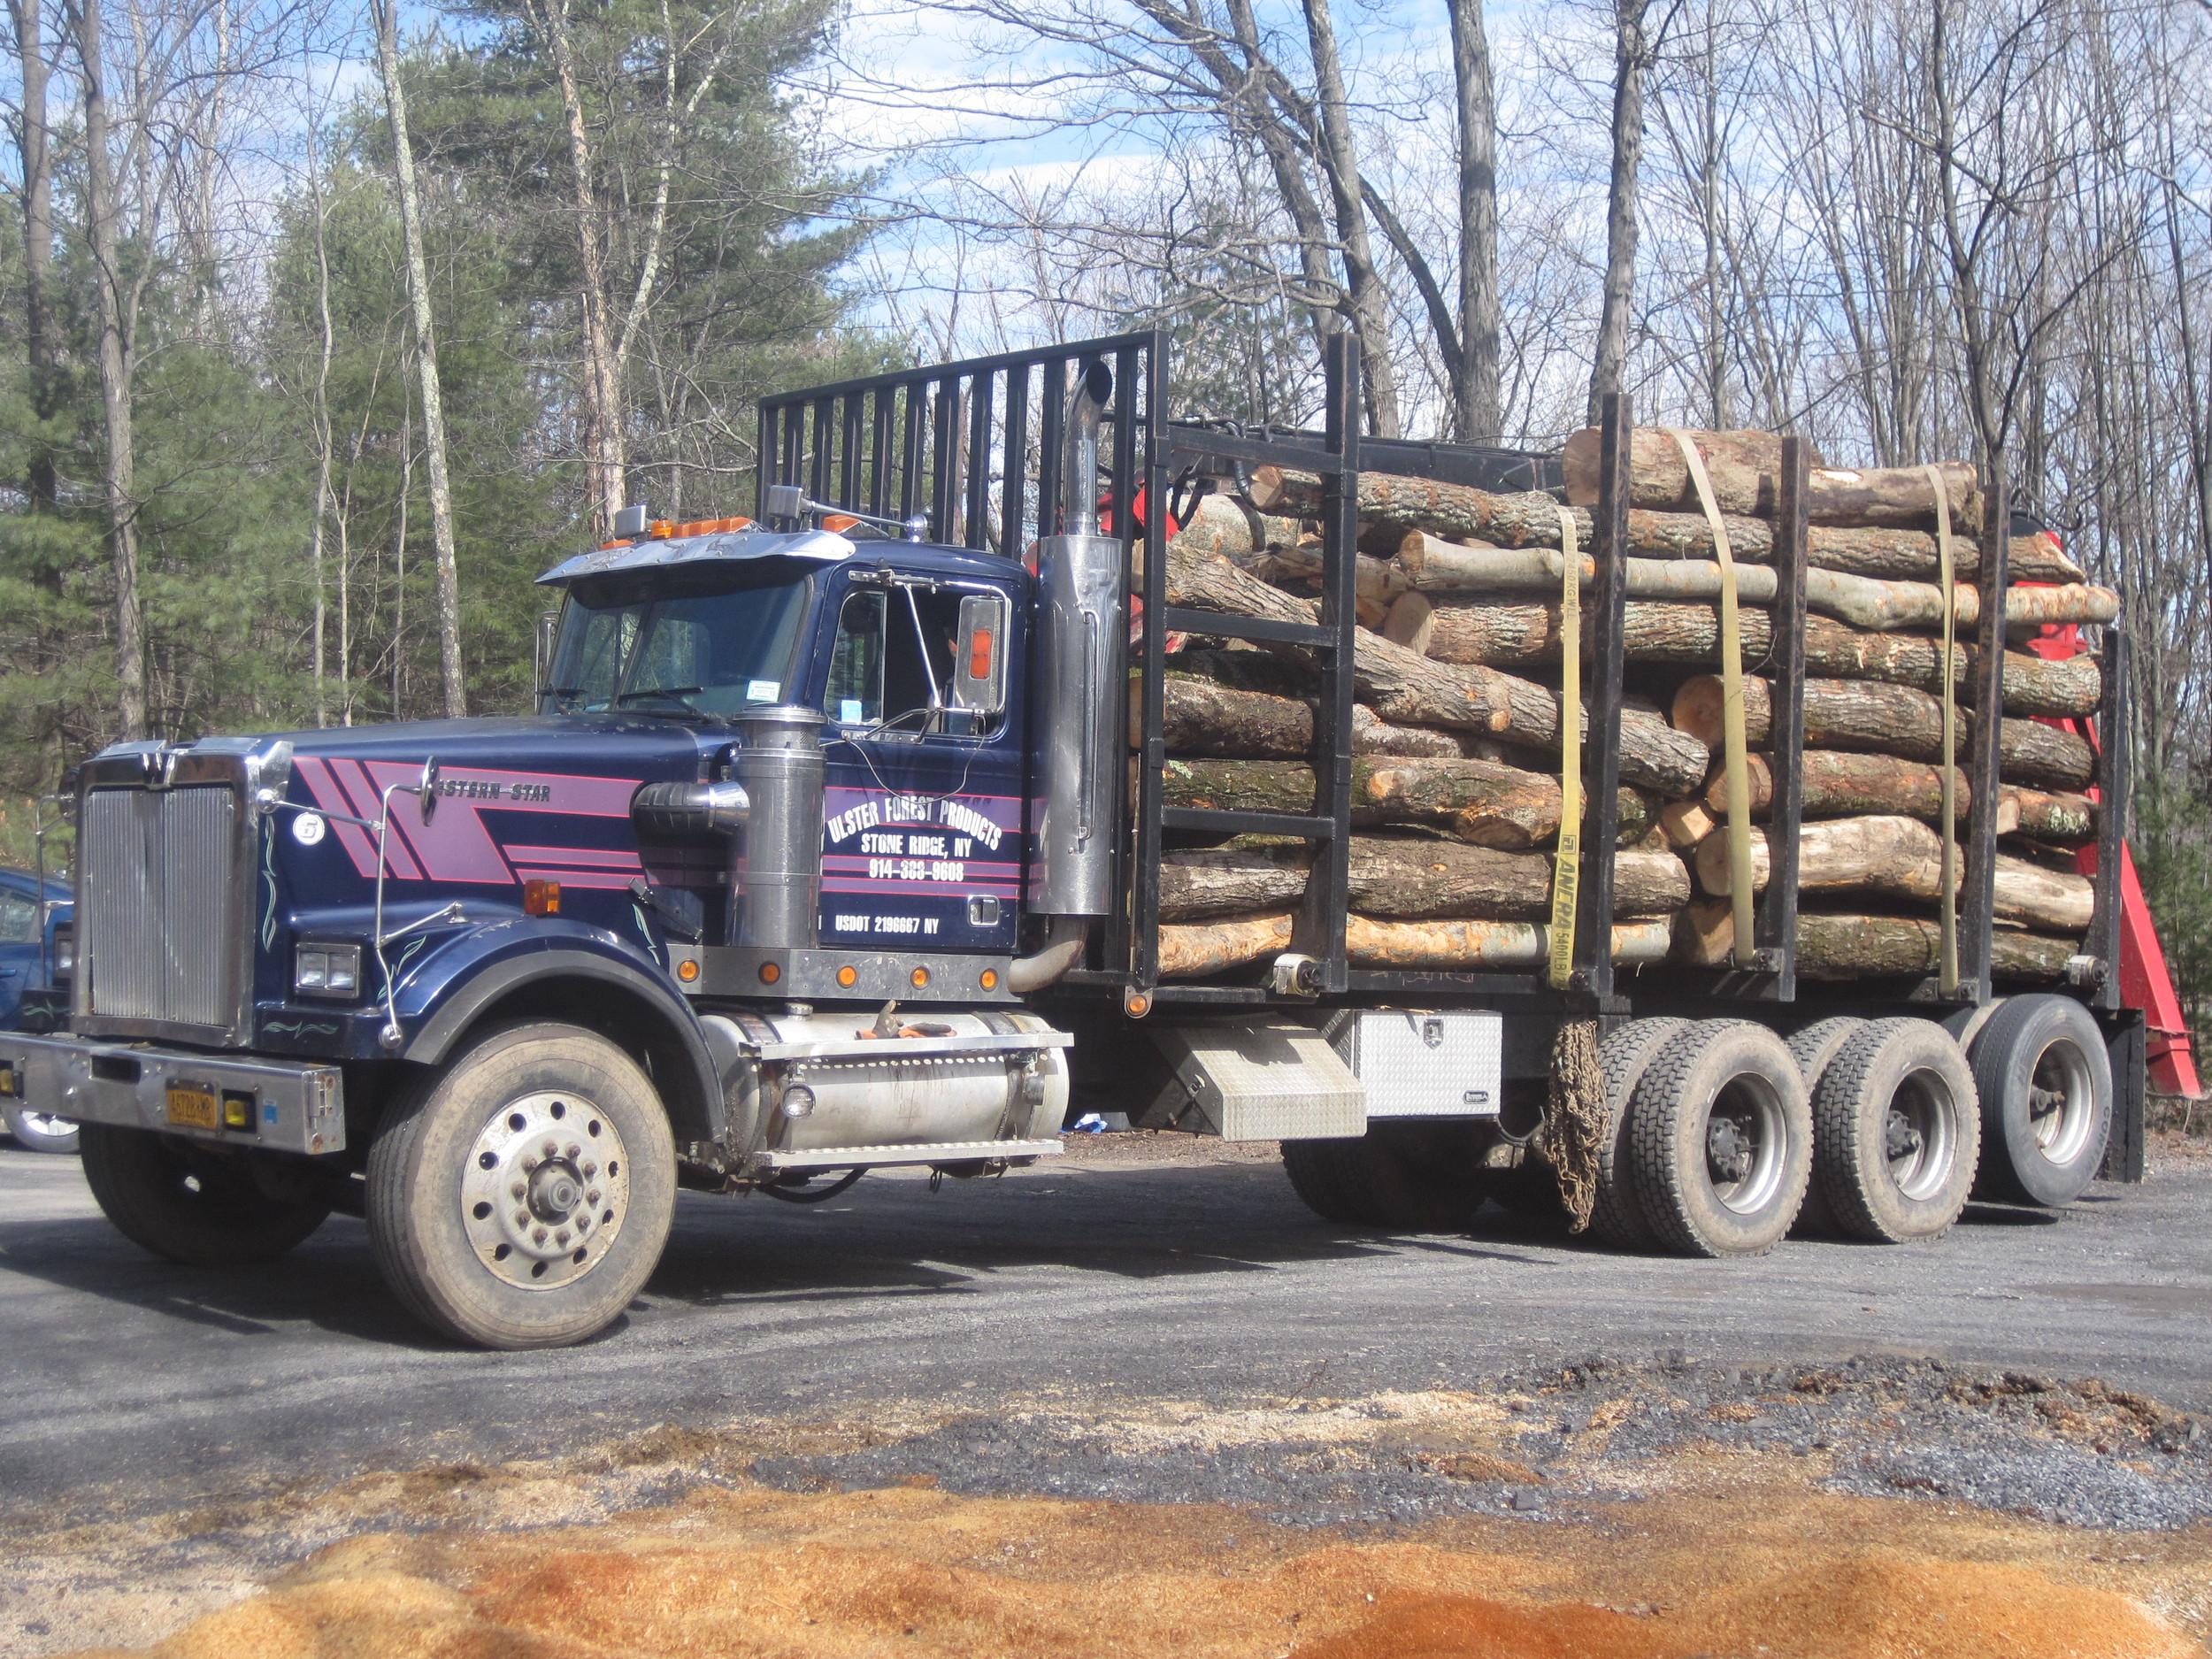 western star with firewood.JPG